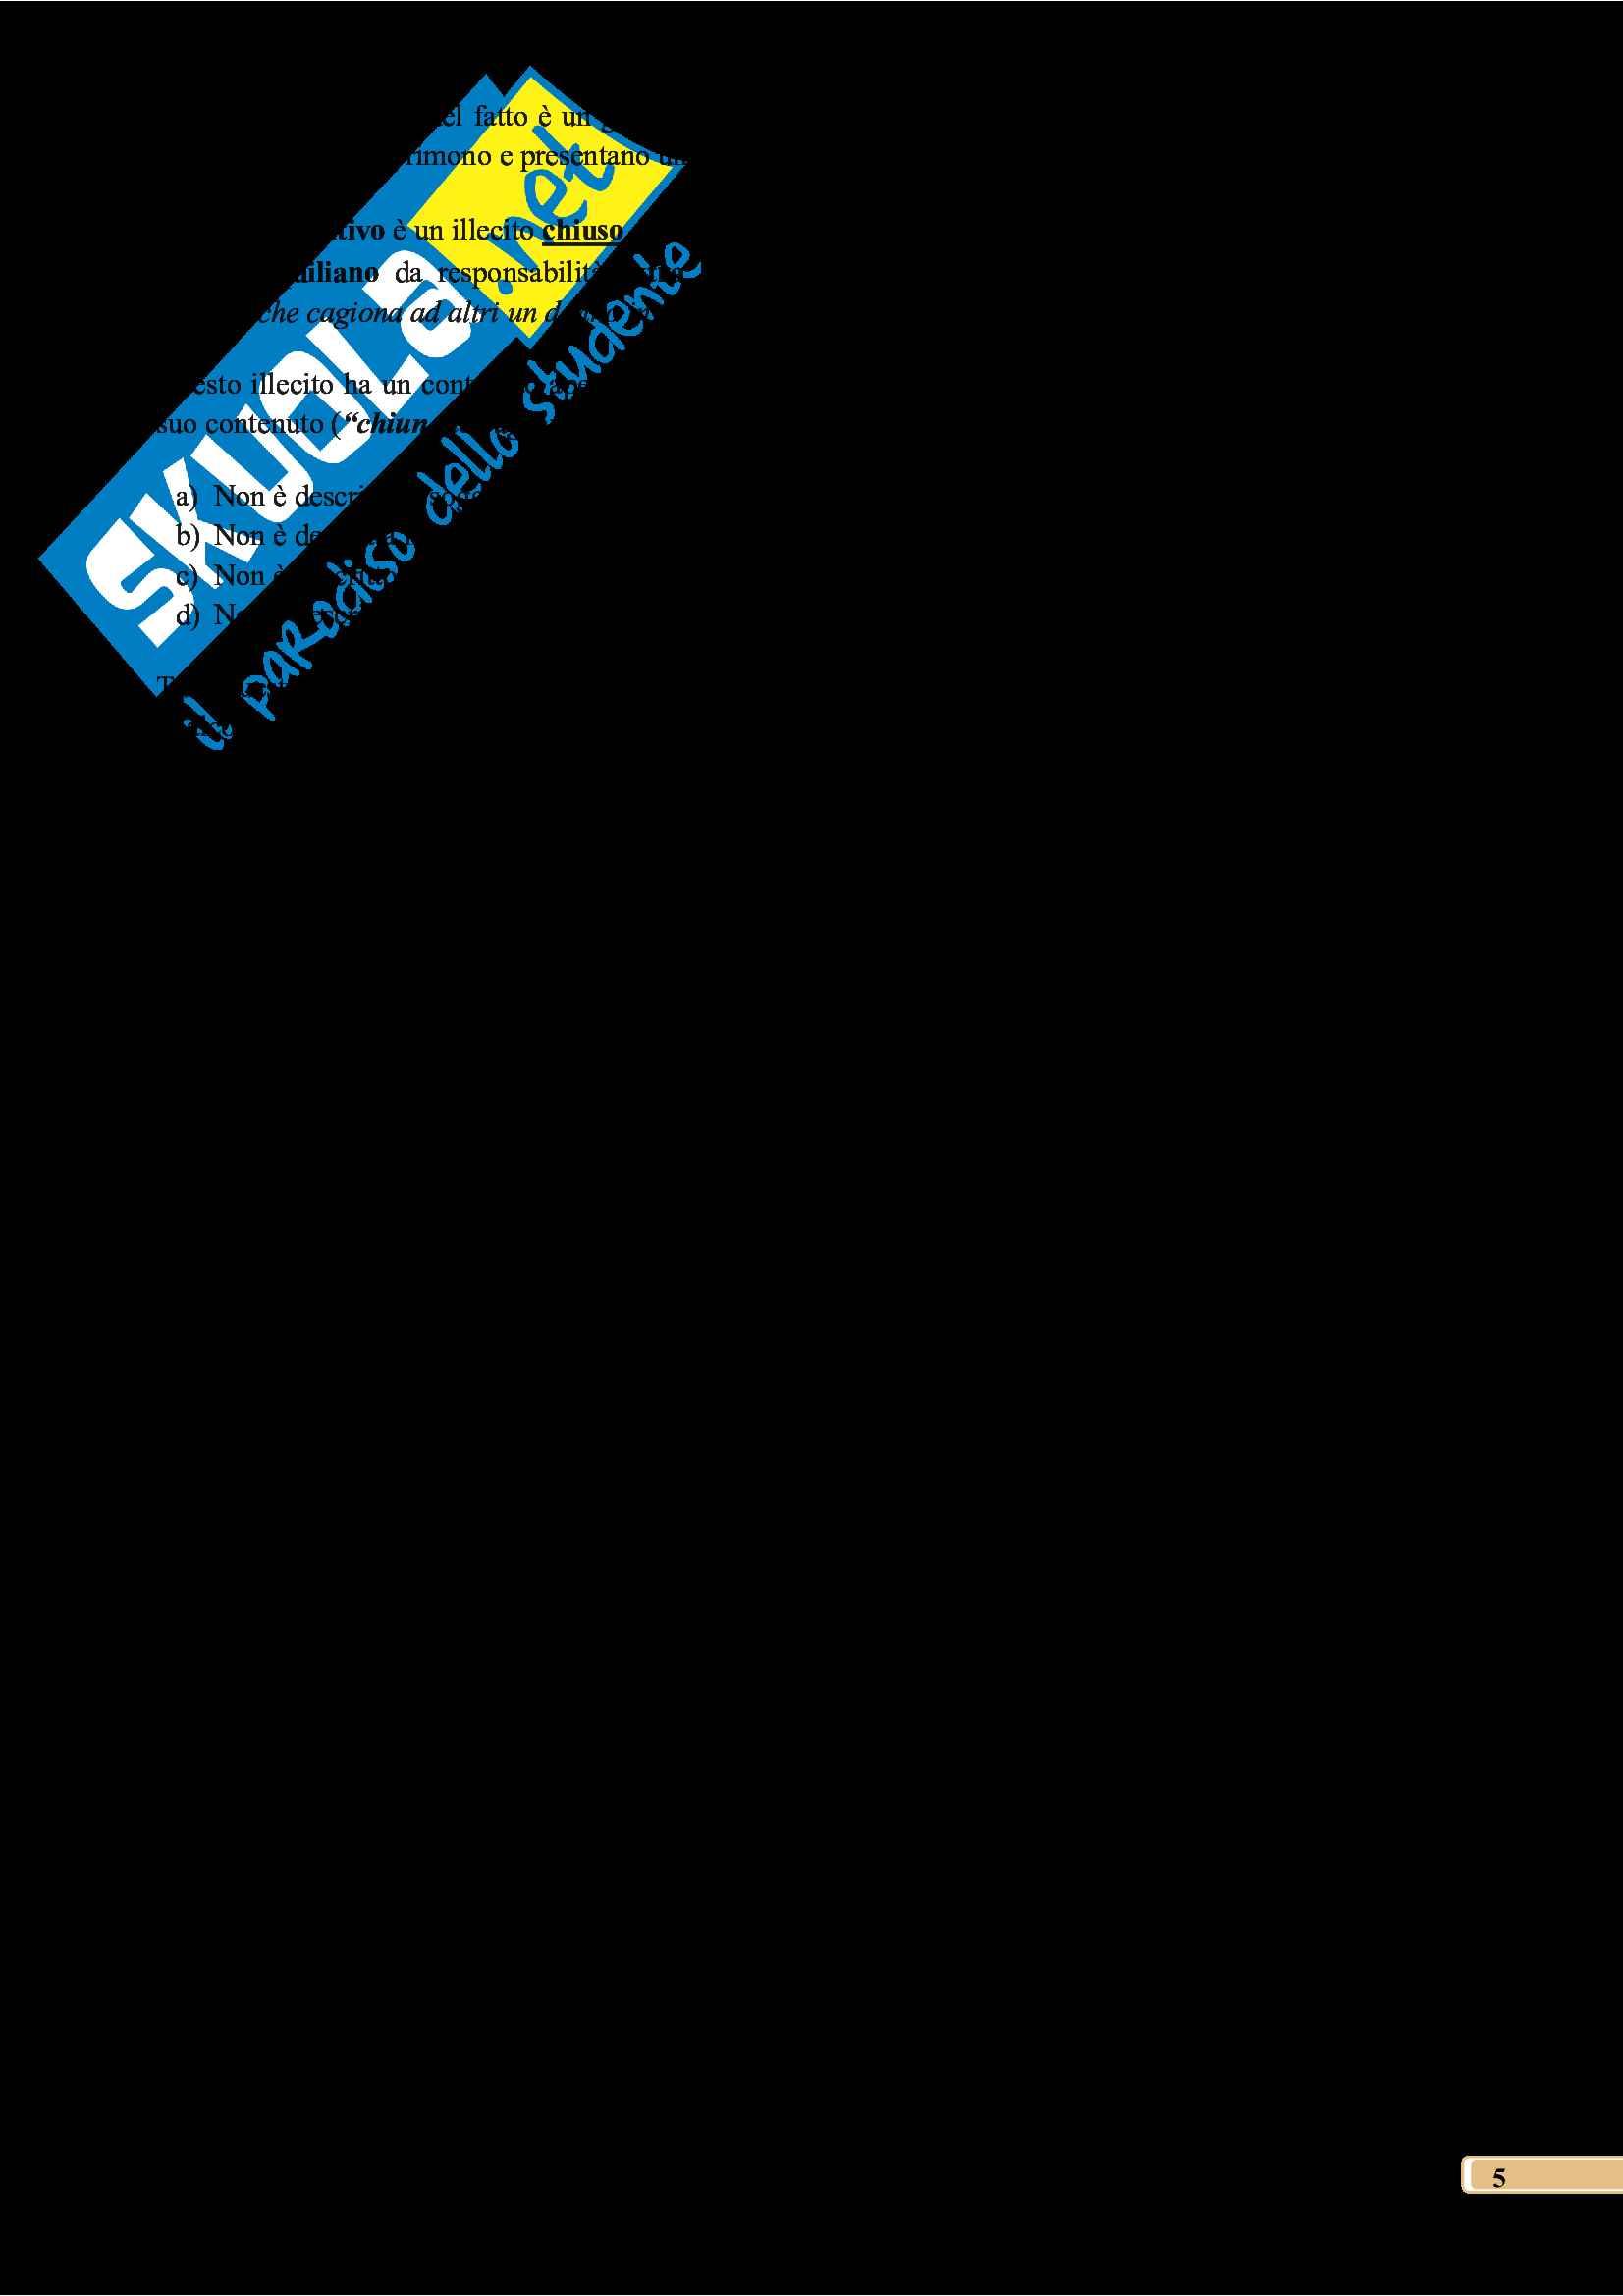 Riassunto esame di diritto penale, docente Bartoli, libro consigliato Corso di diritto penale, Parte Generale, Sesta edizione, Palazzo Pag. 6